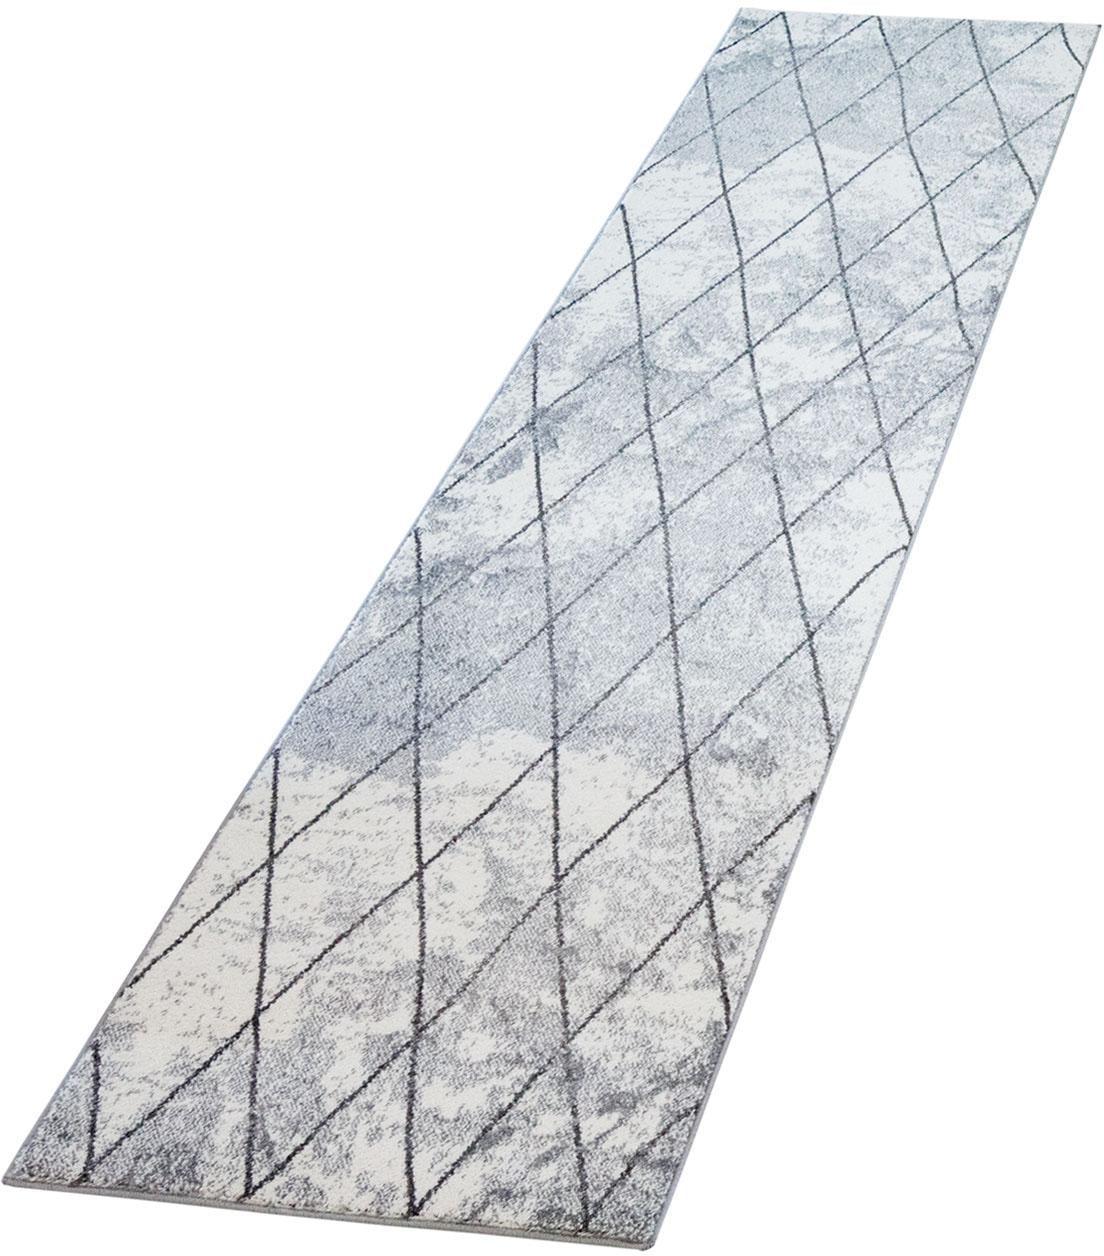 Läufer Moda 1532 Carpet City rechteckig Höhe 11 mm maschinell gewebt